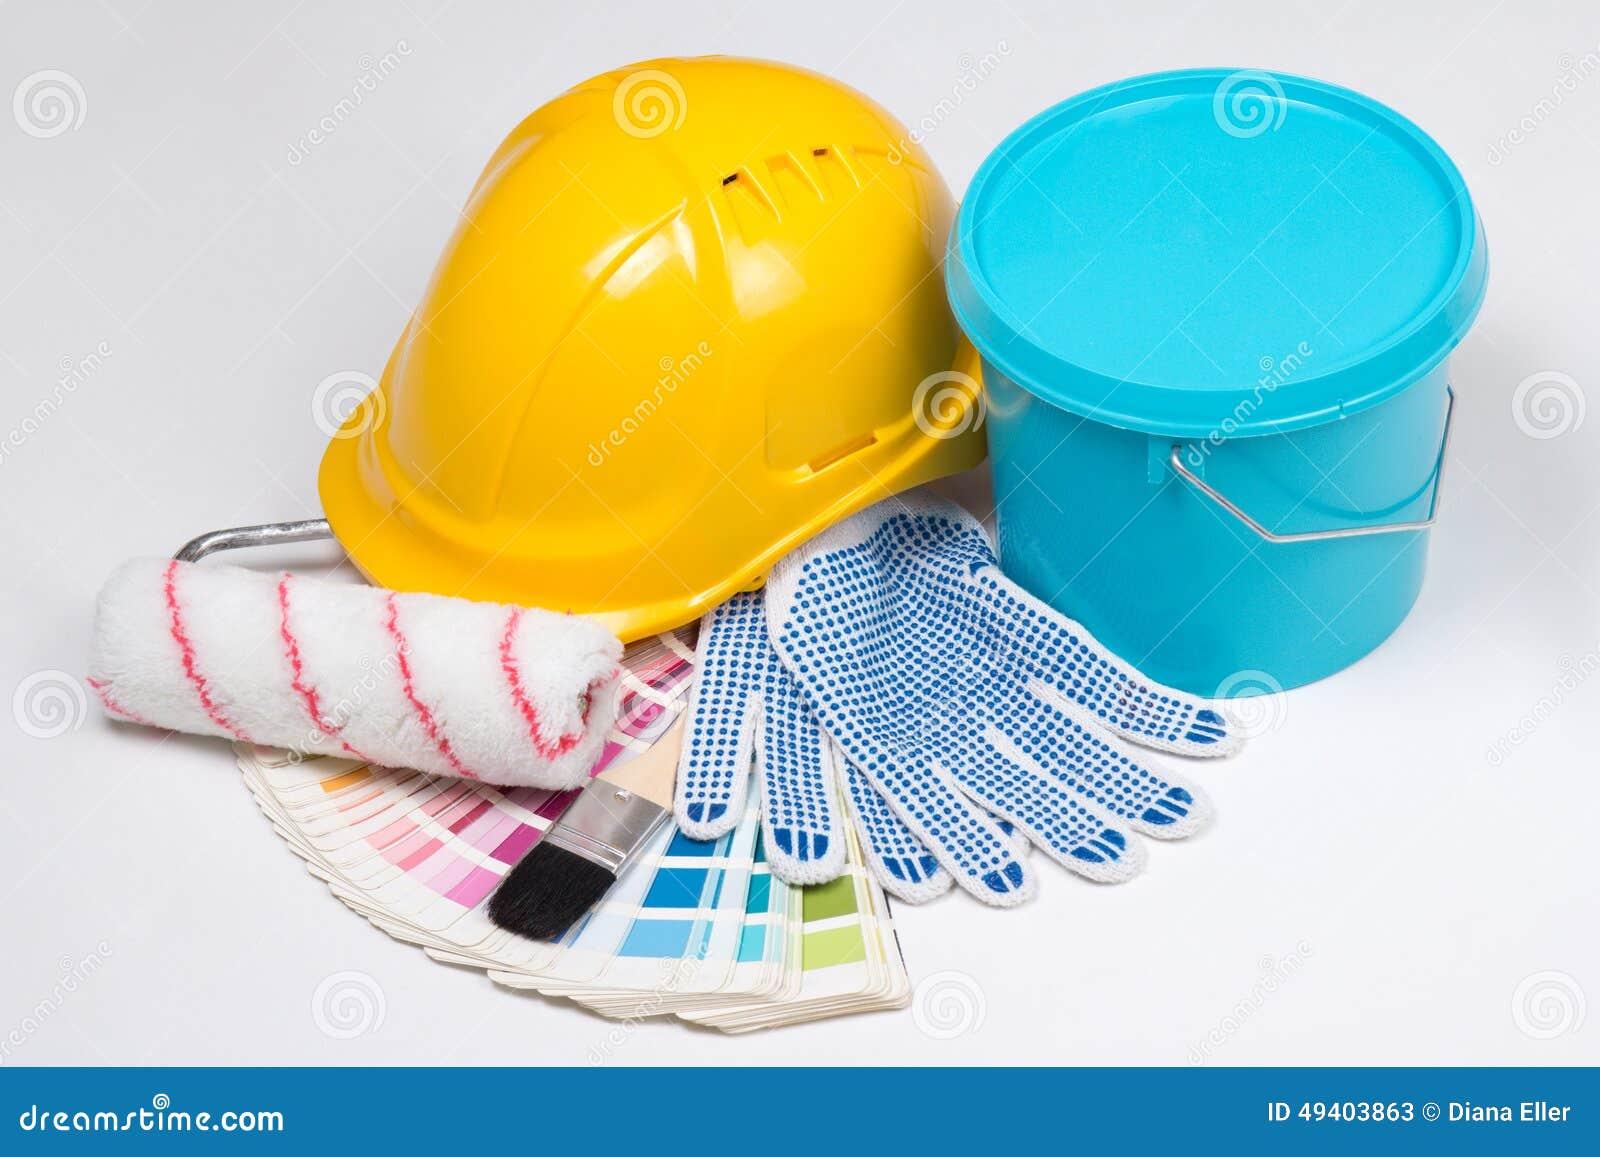 Download Die Werkzeuge Des Malers - Bürsten, Arbeitshandschuhe, Sturzhelm Und Eimer Pai Stockbild - Bild von konzept, verbesserung: 49403863